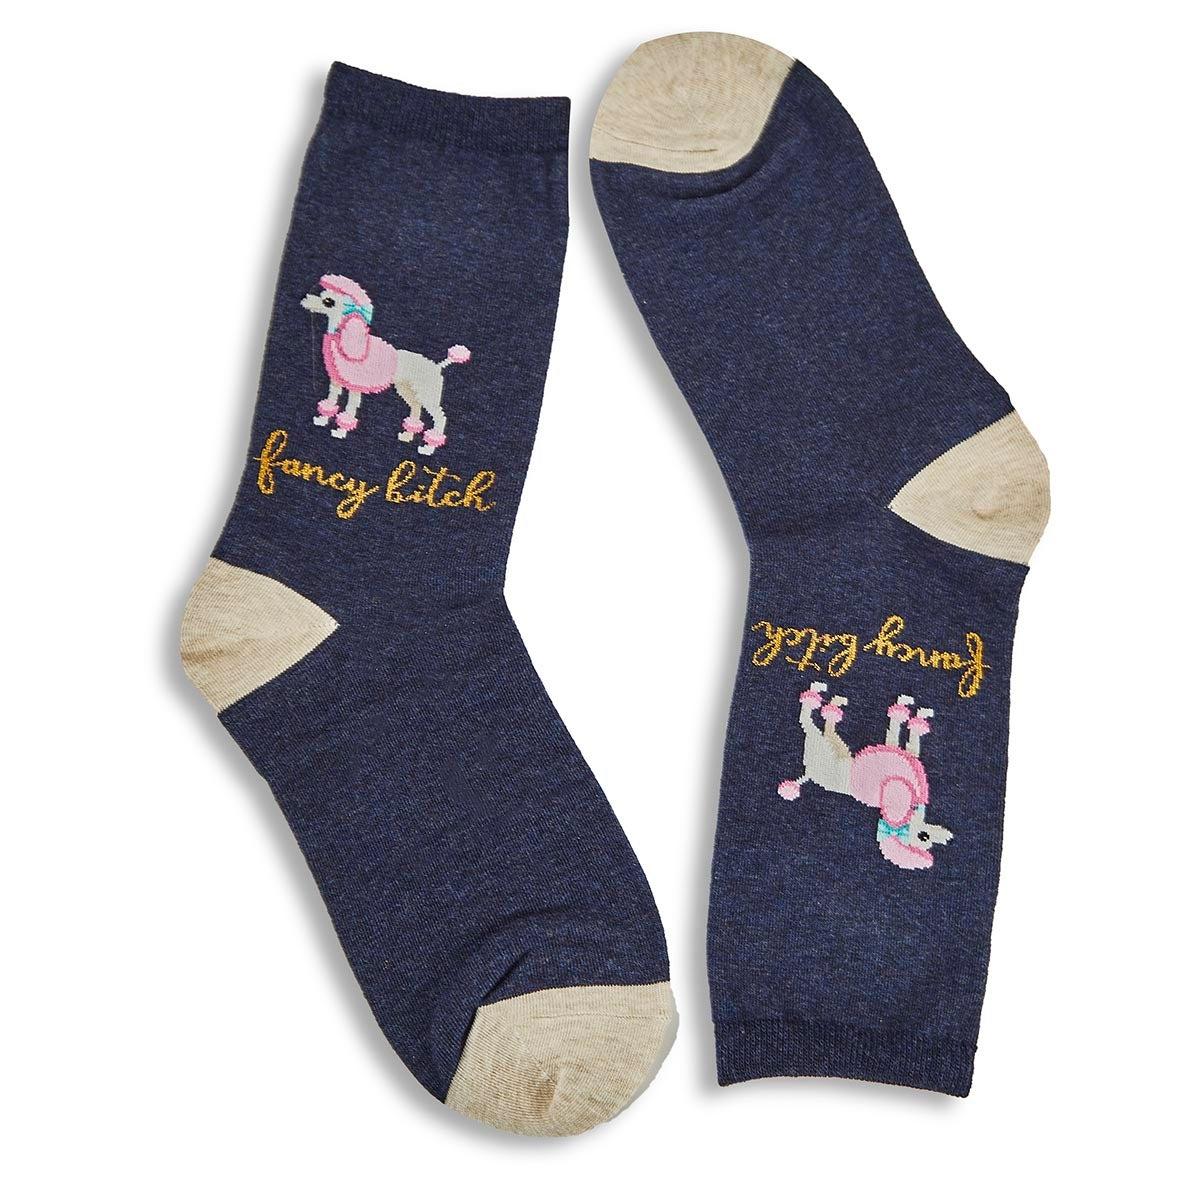 Women's Fancy Bitch Sock - Denim Printed